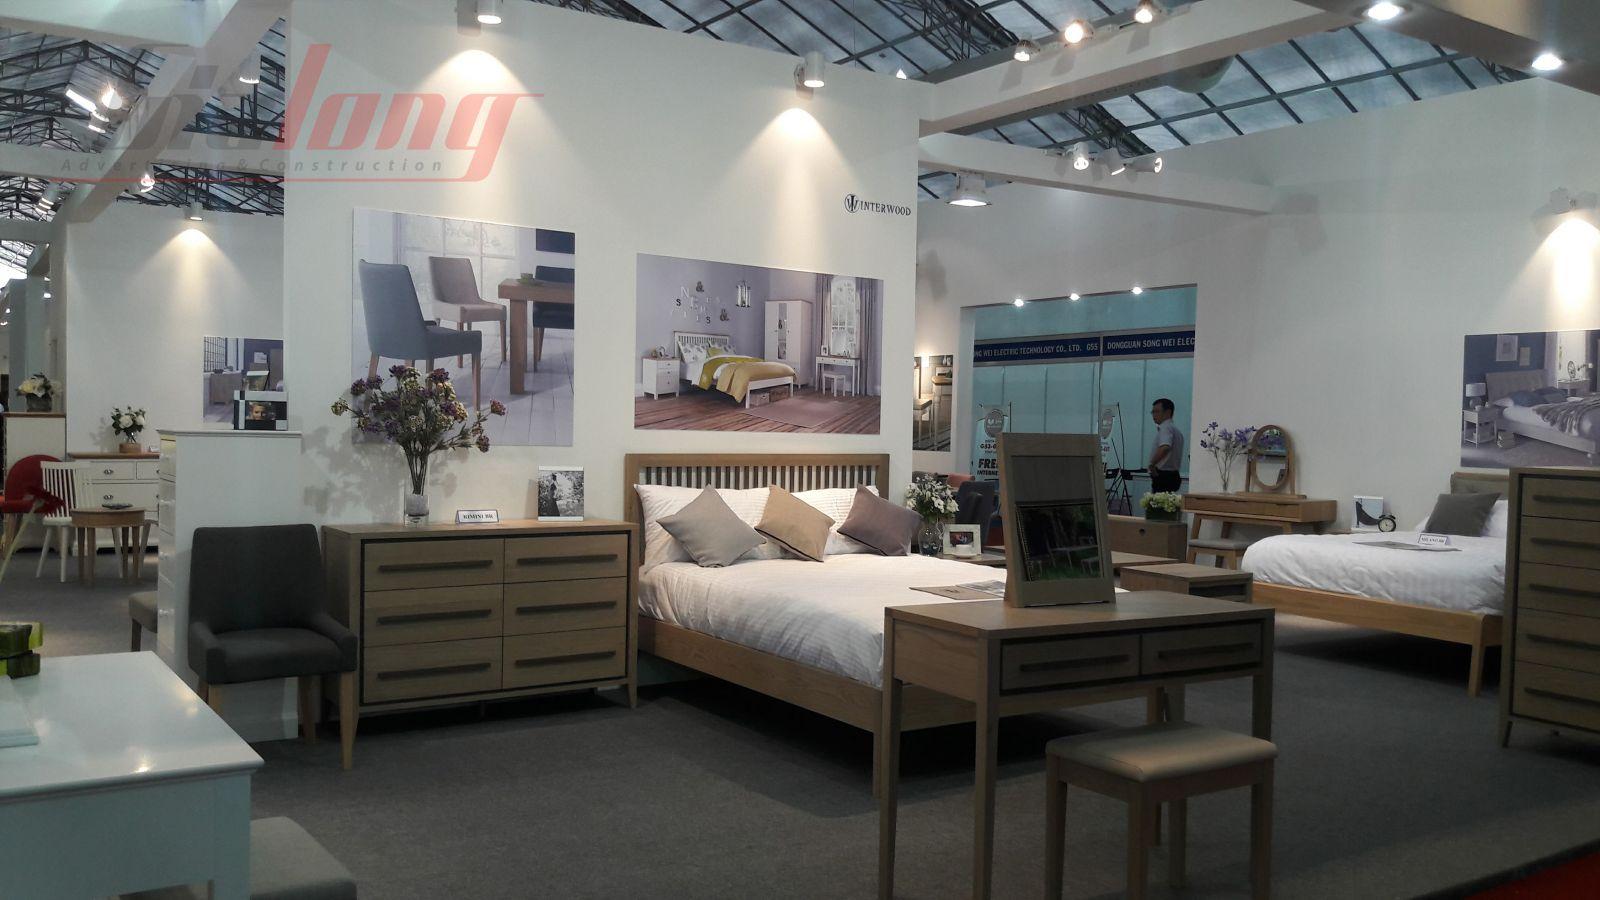 Hình ảnh gian hàng Hội chợ Đồ gỗ và Mỹ nghệ xuất khẩu Việt Nam - Triển lãm VIFA EXPO